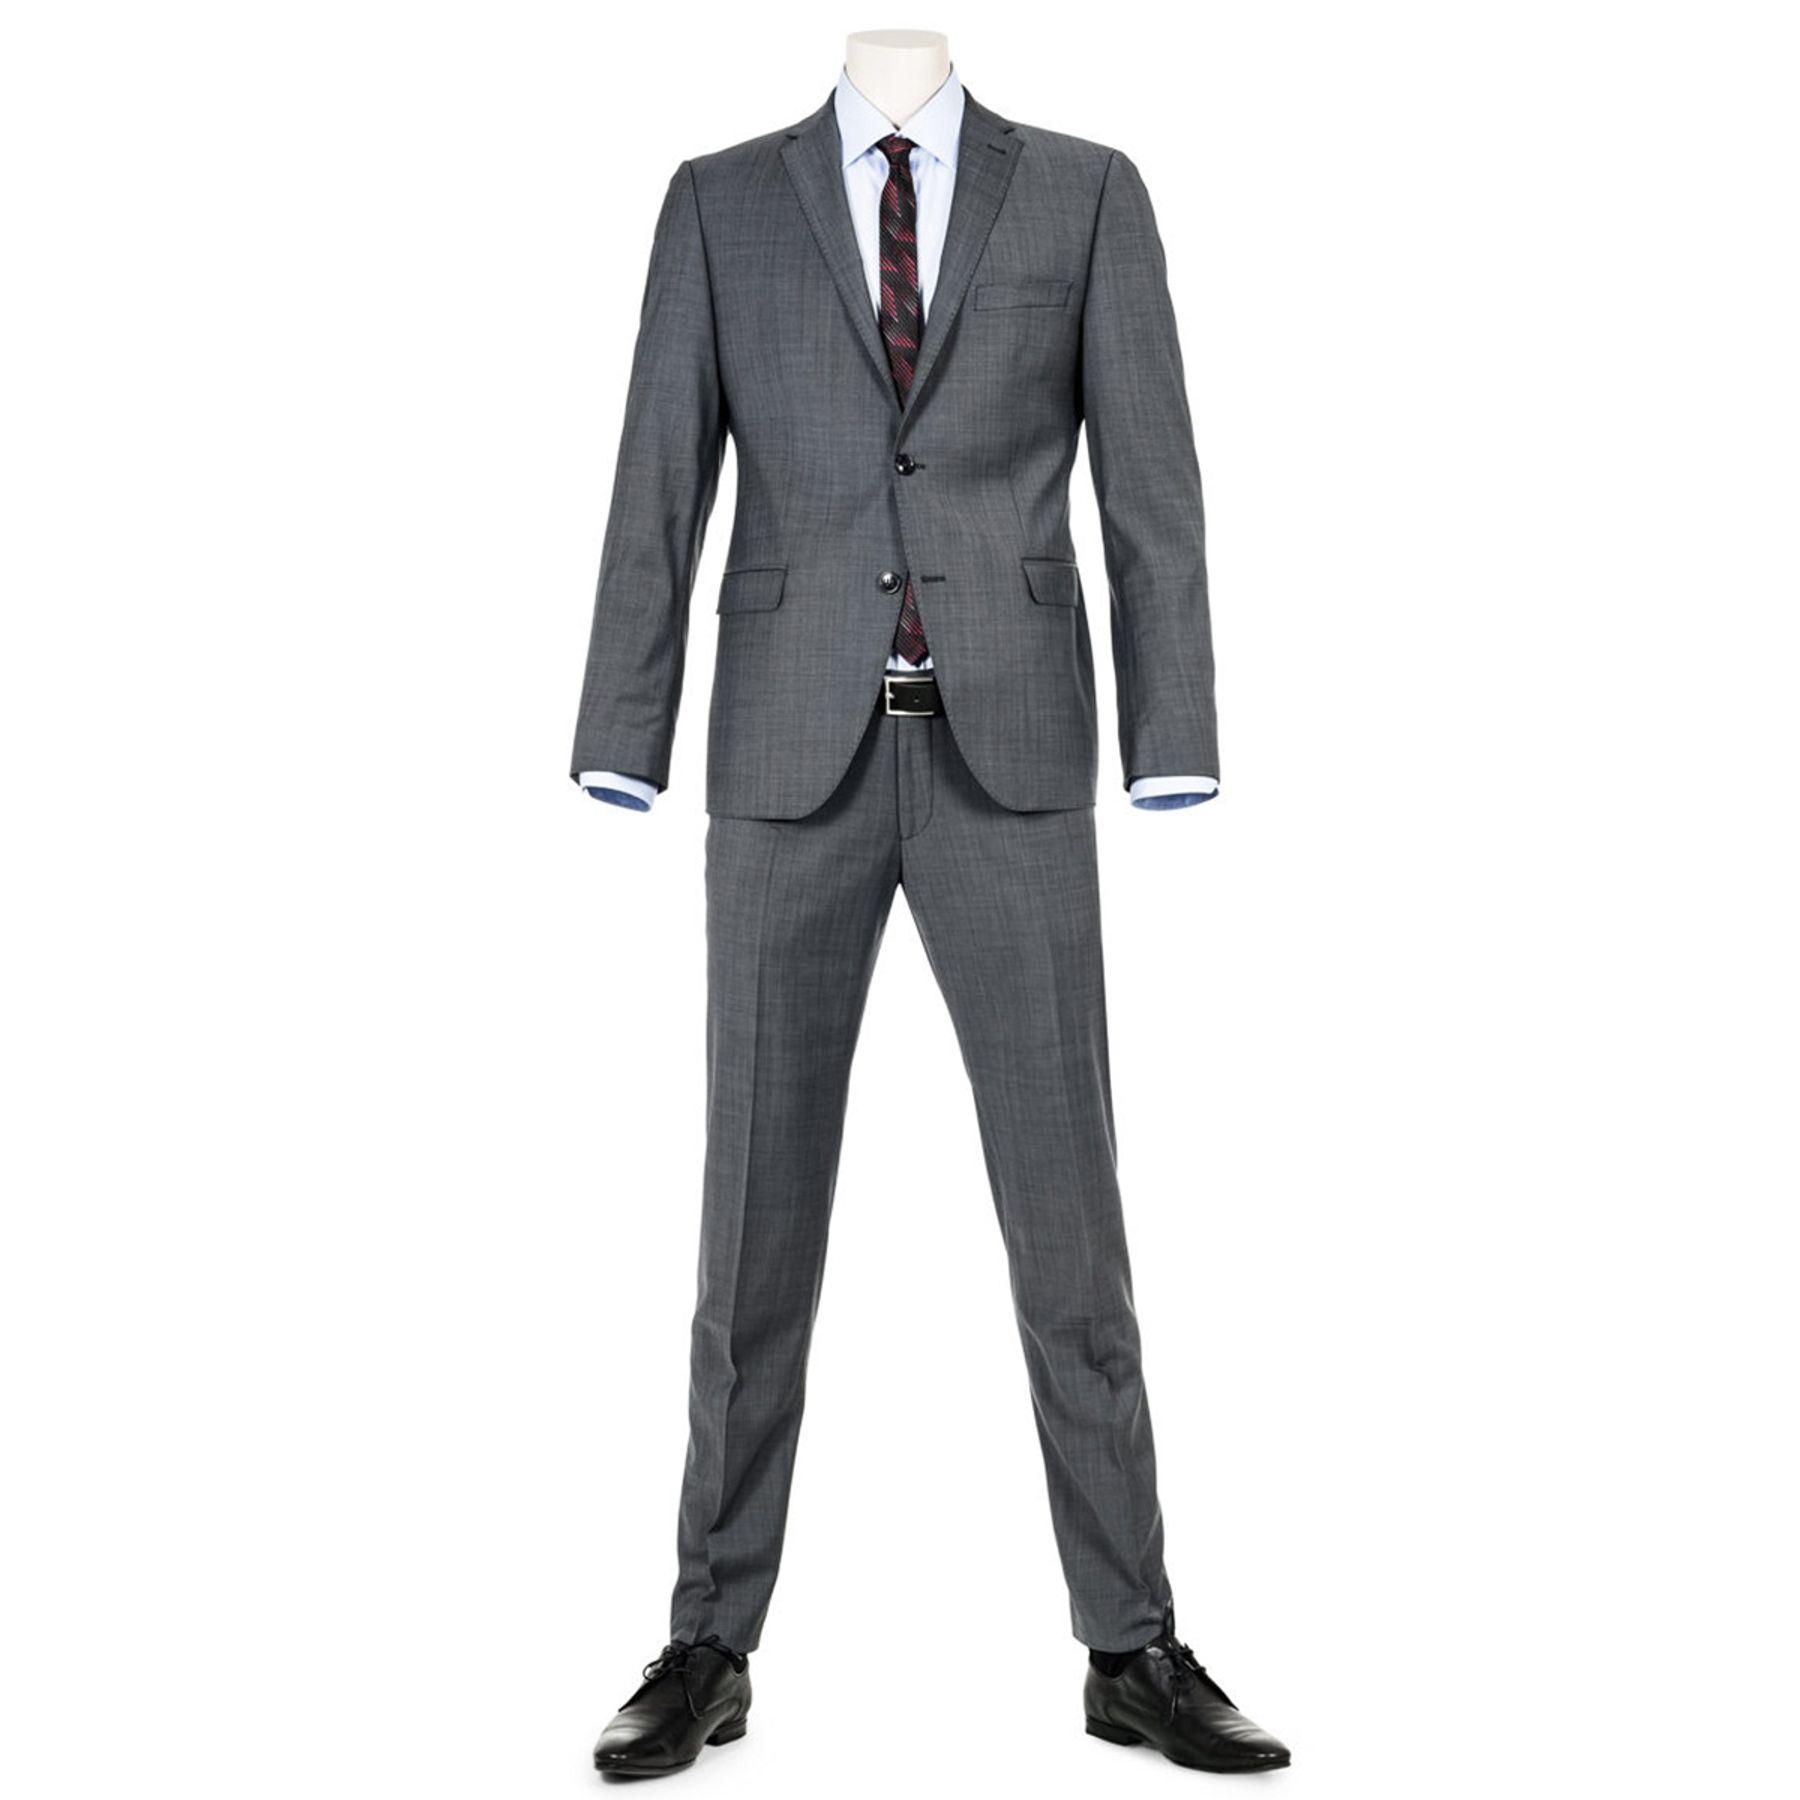 Benvenuto Purple - Slim Fit - Herren Baukasten Sakko für Jungen Trend-Anzug mit sehr schlankem Schnitt in Anthrazit, Adon (20776, Modell: 61350) – Bild 1